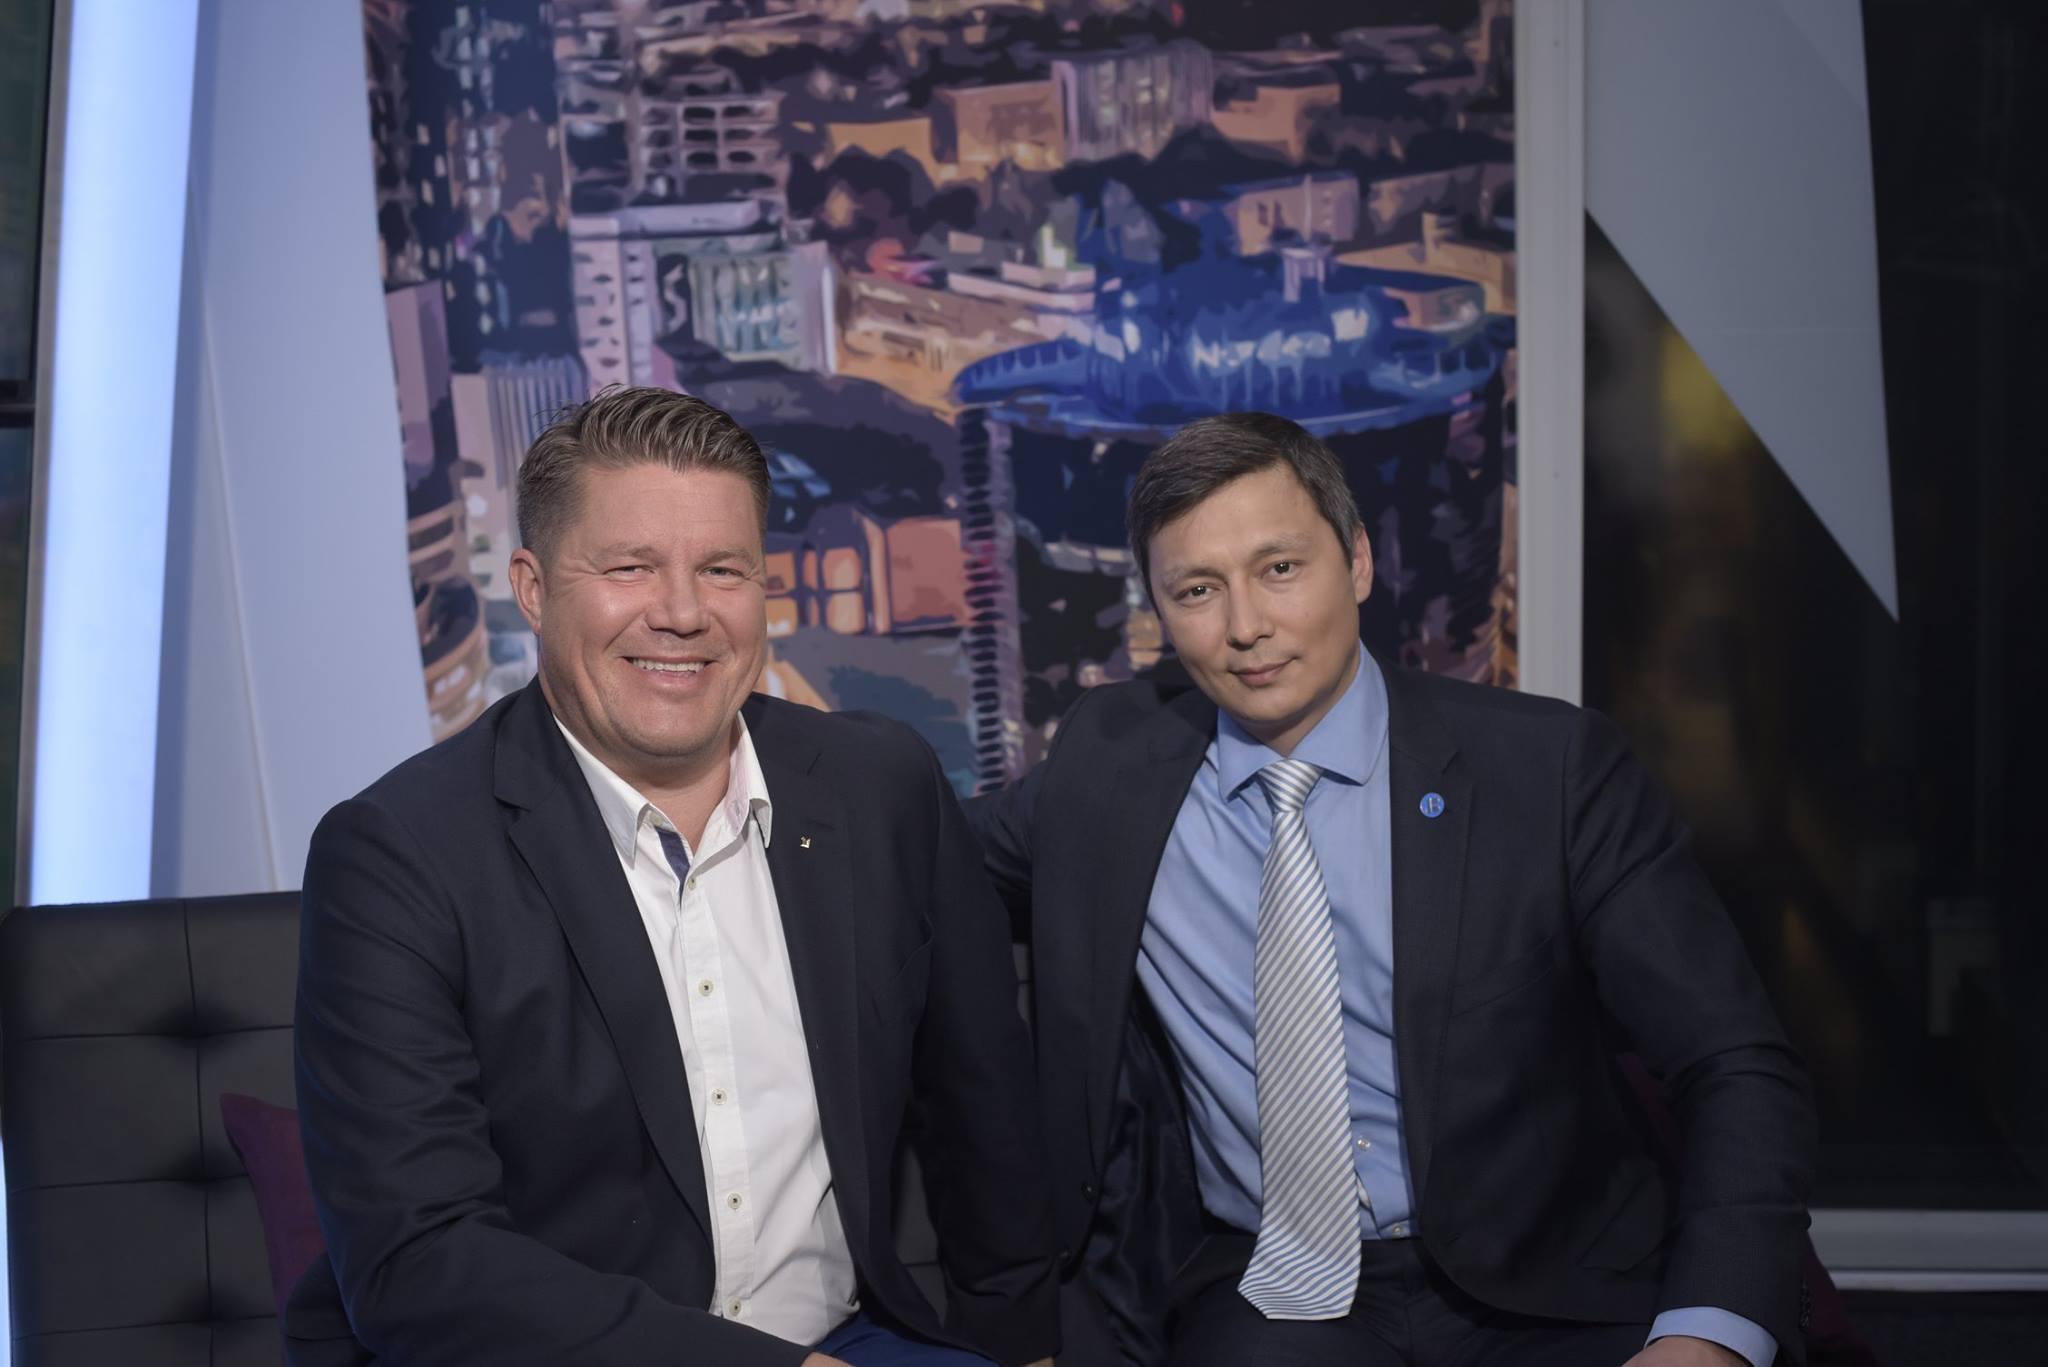 VIDEO! Tallinna linnavolikogu esimees Mihhail Kõlvart: poliitiku töö on leppimine